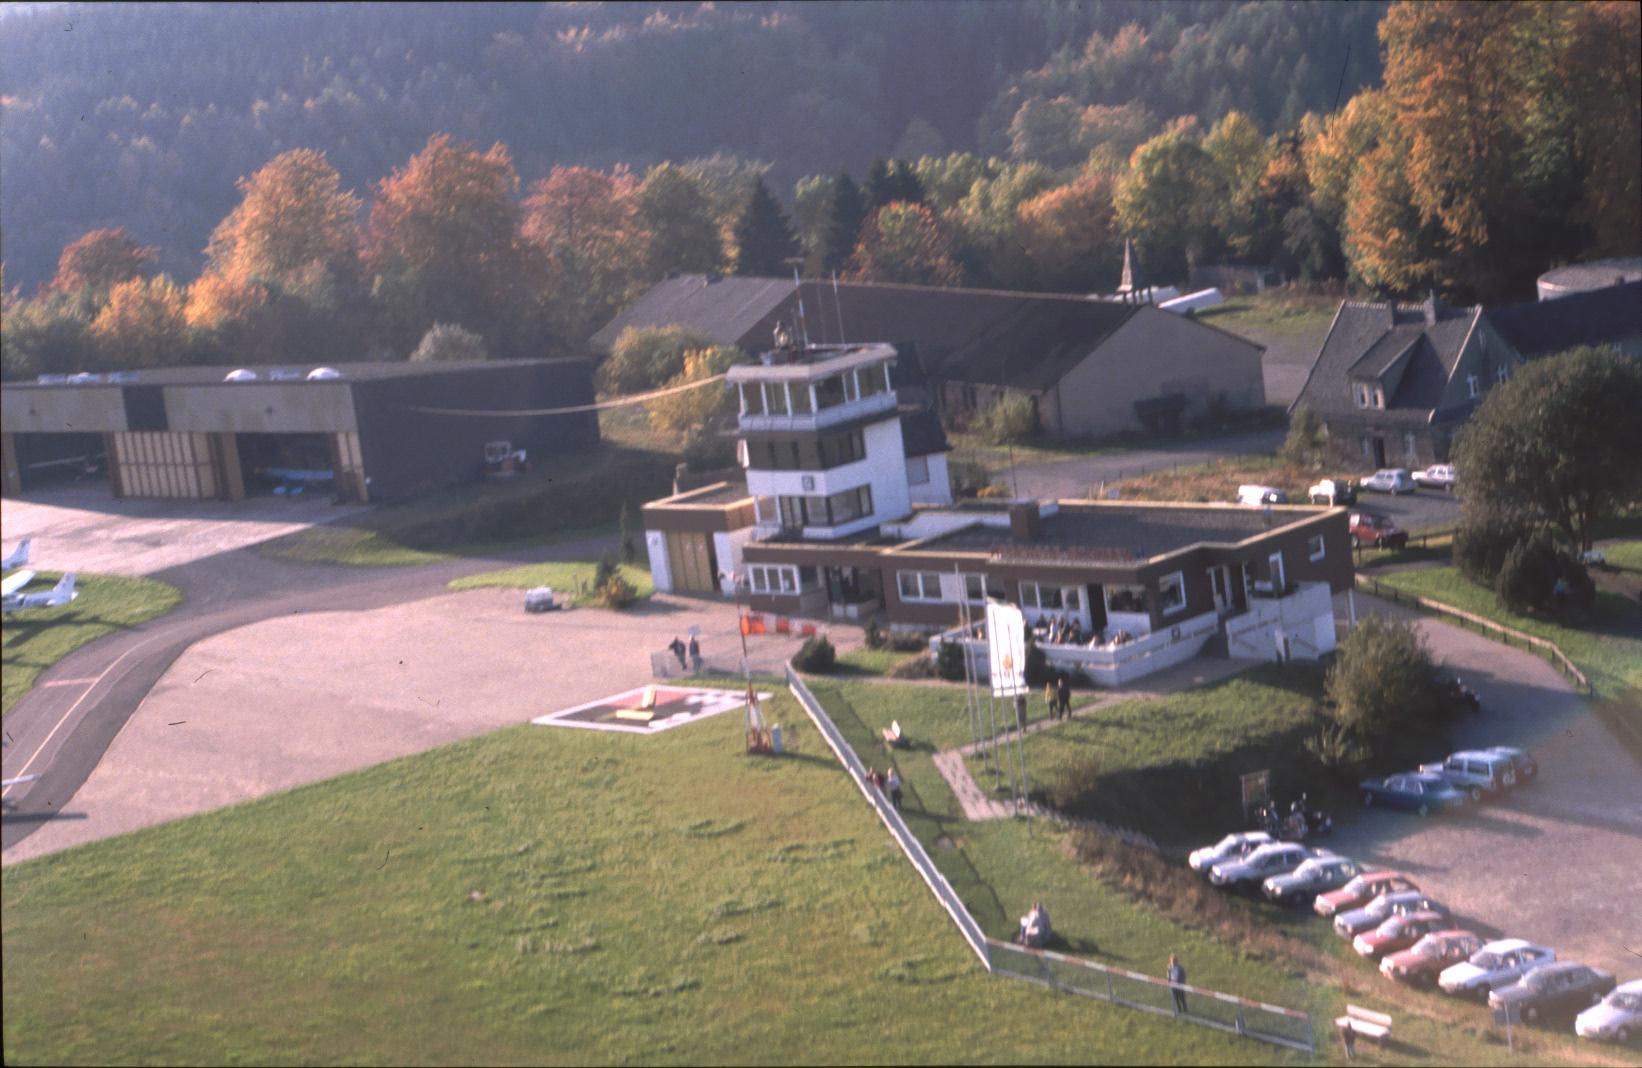 Luftaufnahme mit alter Halle